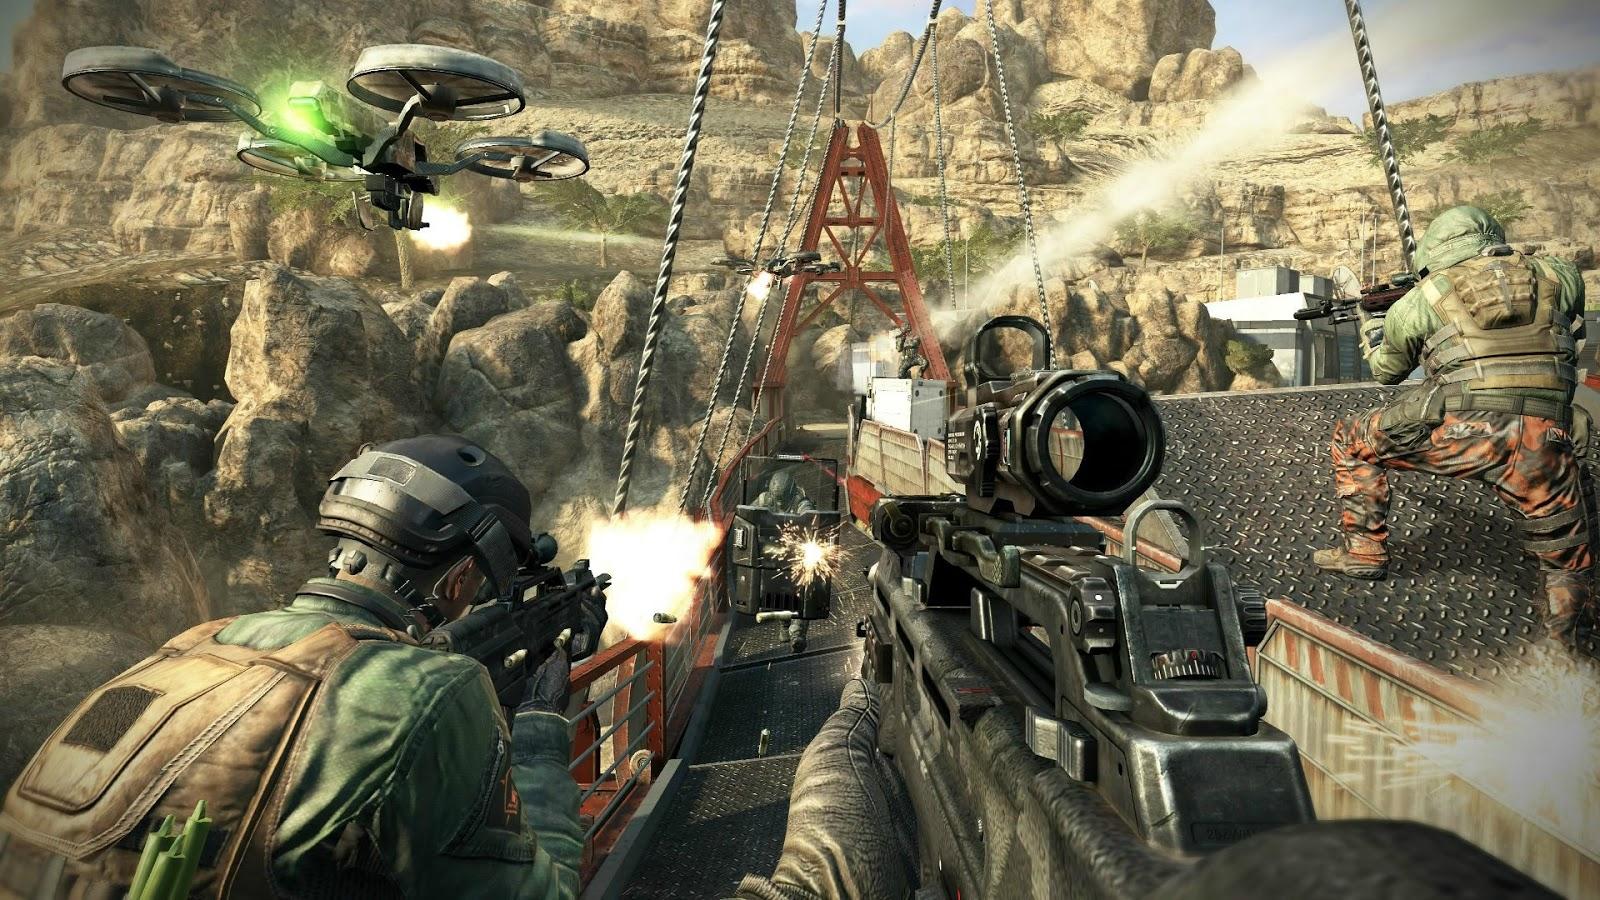 Game call of duty black ops 2 ps3 - Fundas para ipod nano